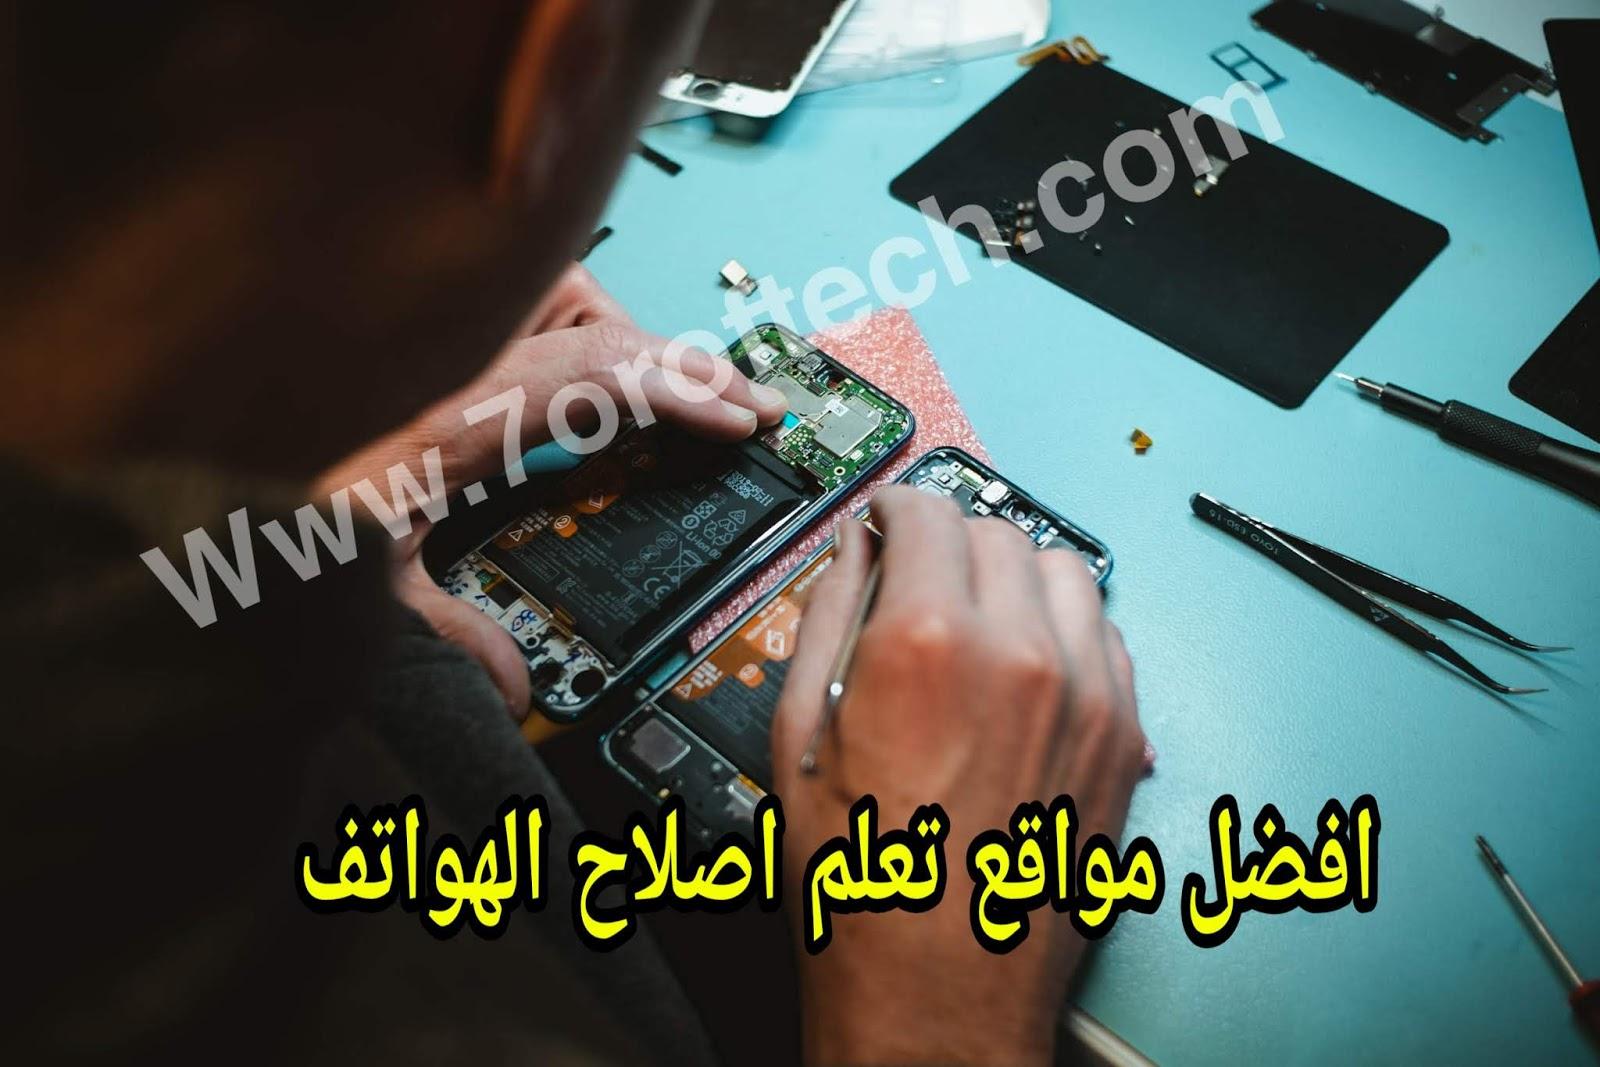 لتعلم صيانة الهواتف